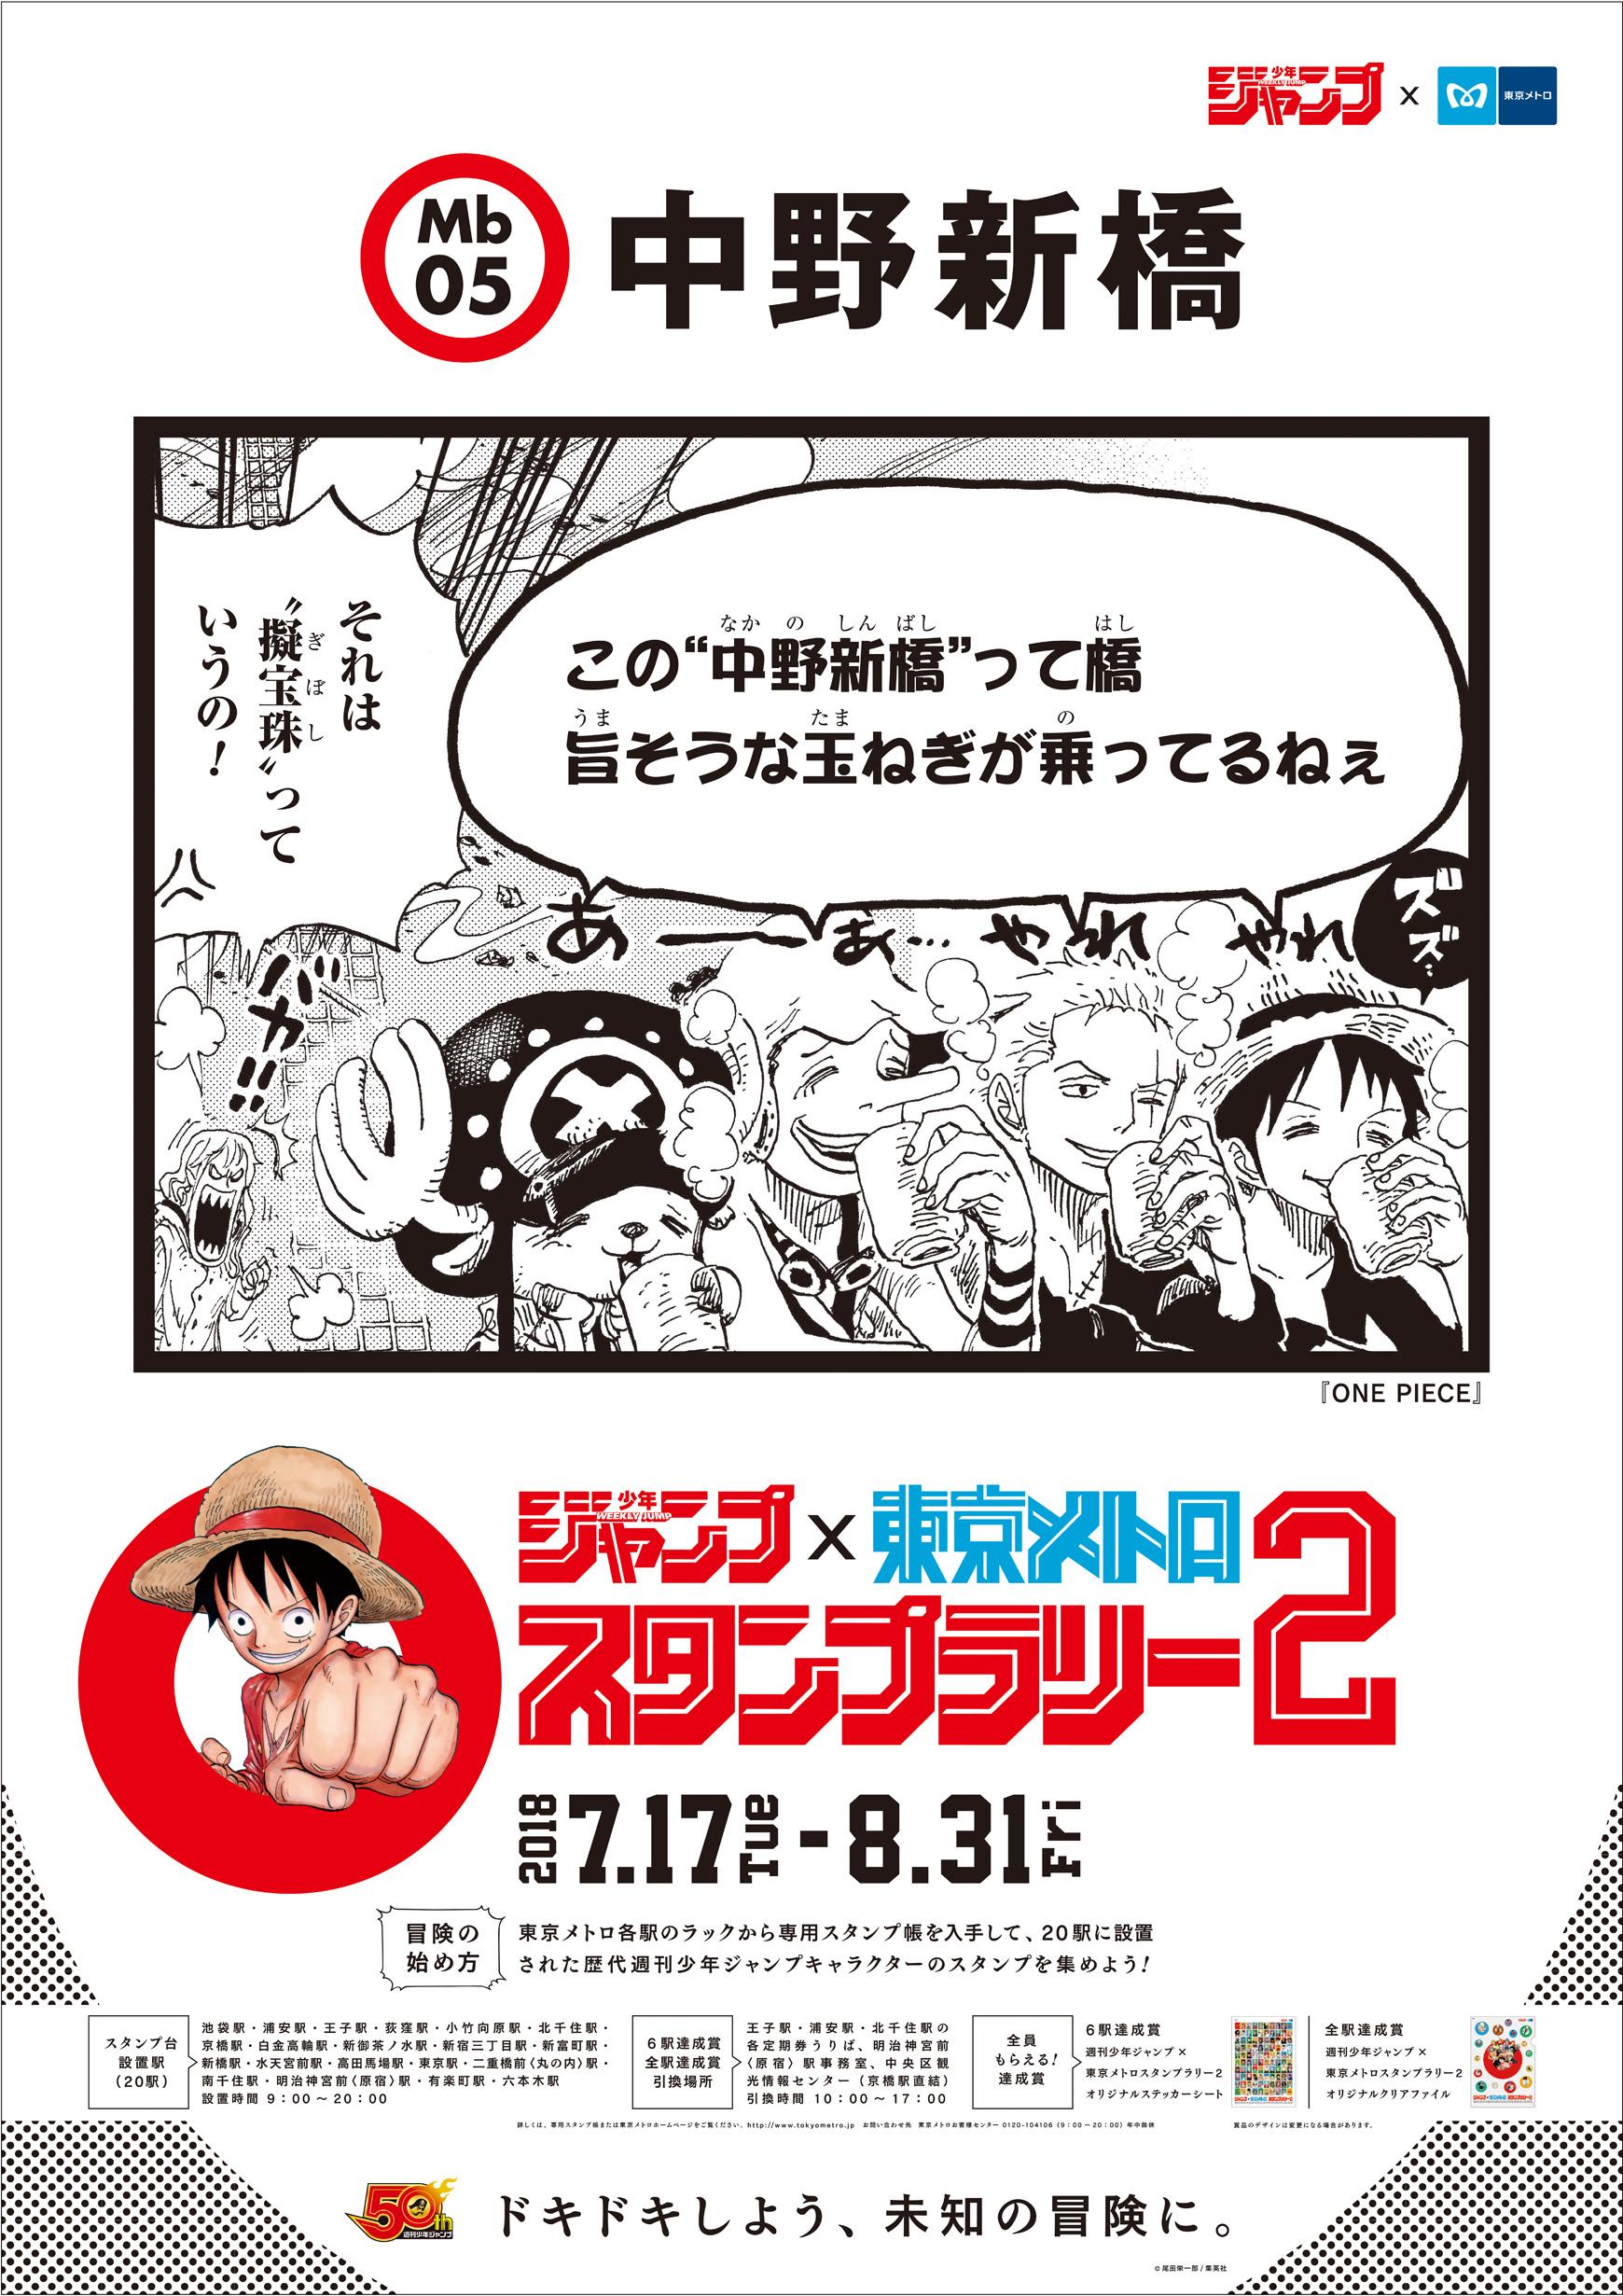 中野新橋駅に張り出されるポスターは『ONE PIECE』 (C)尾田栄一郎/集英社